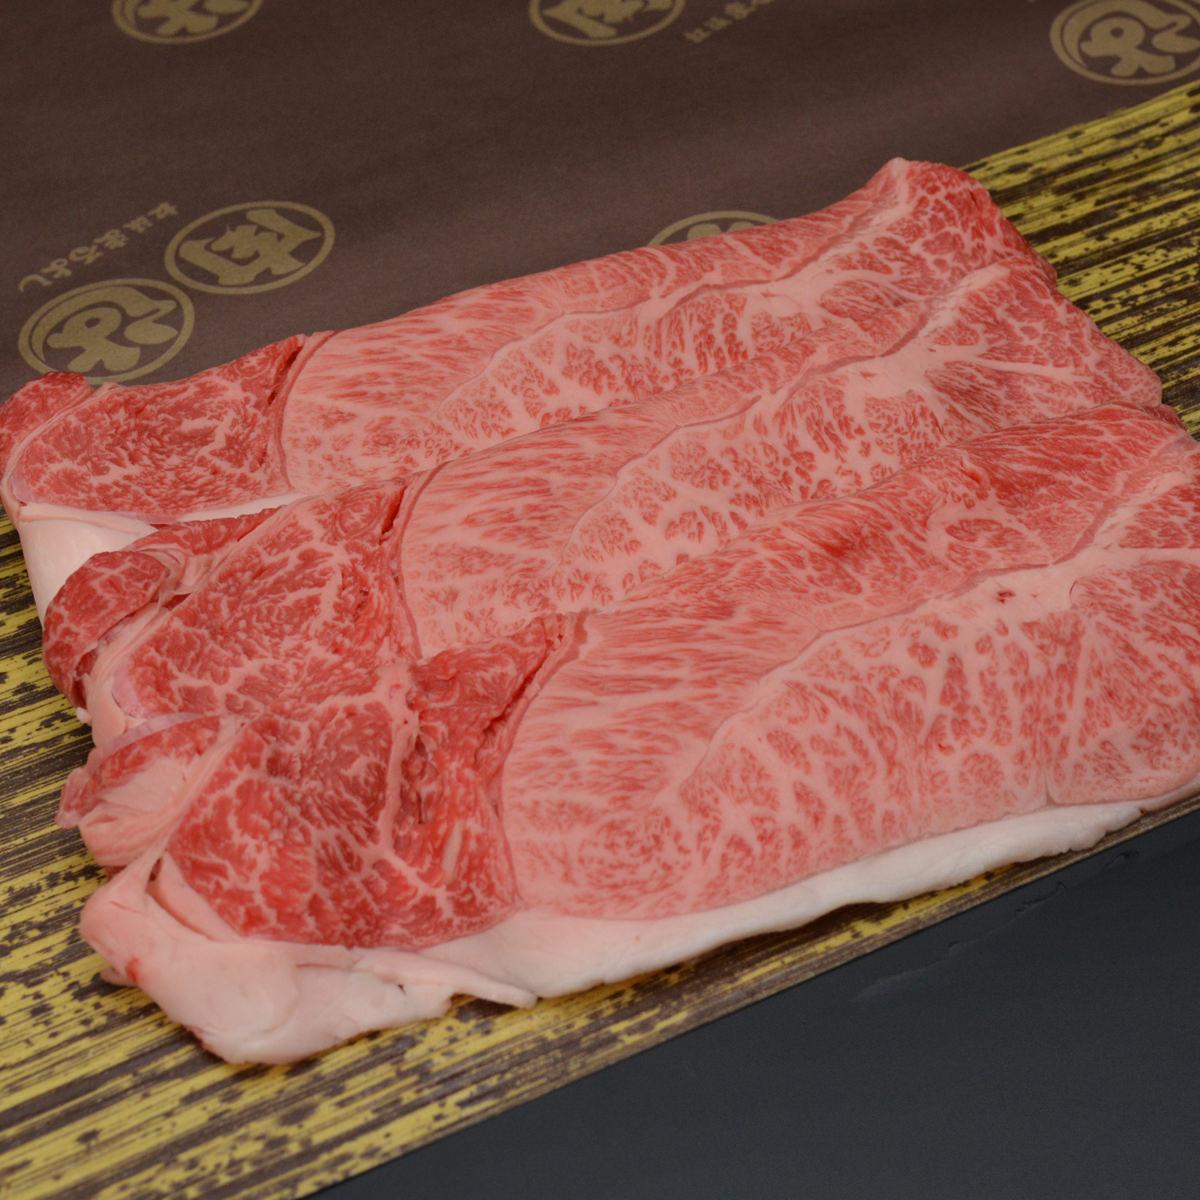 松坂まるよし お祝いやおもてなしに確かな品質のブランド肉を 松阪牛すき焼き 肩肉 モモ肉〔500g〕